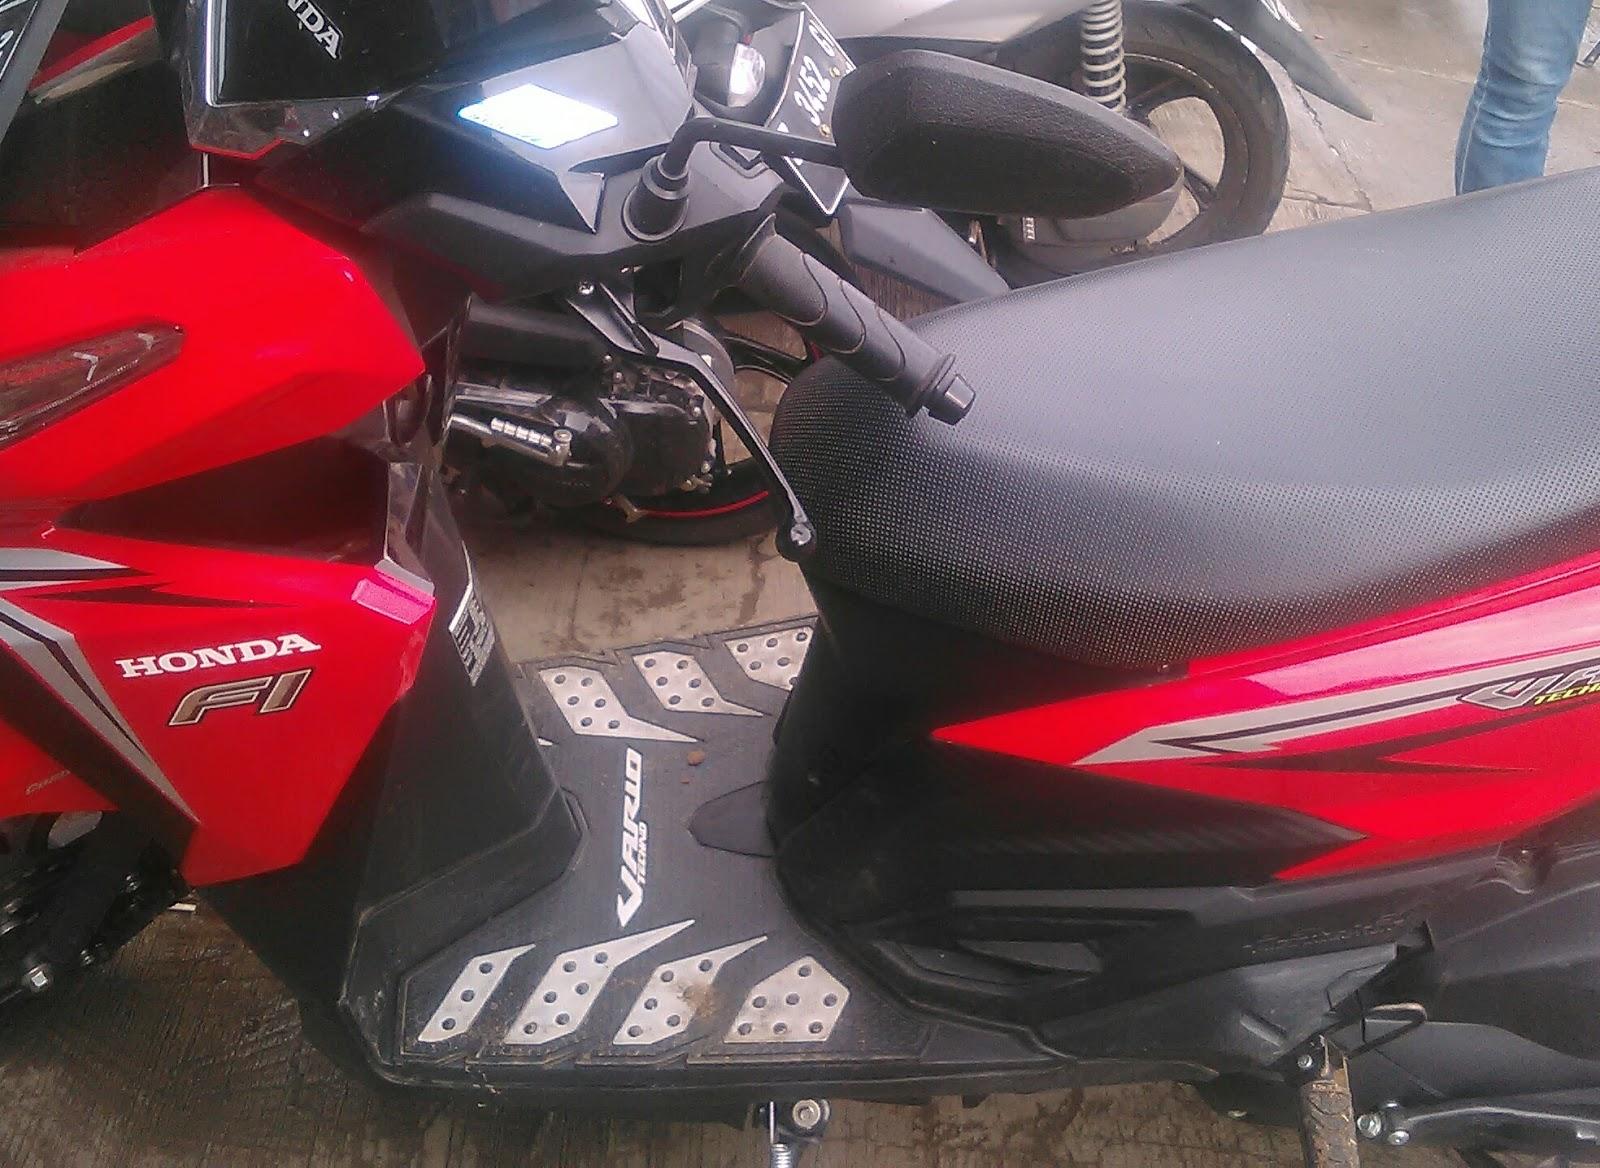 Jual Murah New Vario 125 Esp Cbs Iss Sonic White Red Yogyakarta Advance Jakarta Cover Motor Exclusive Black2 Lihat Daftar